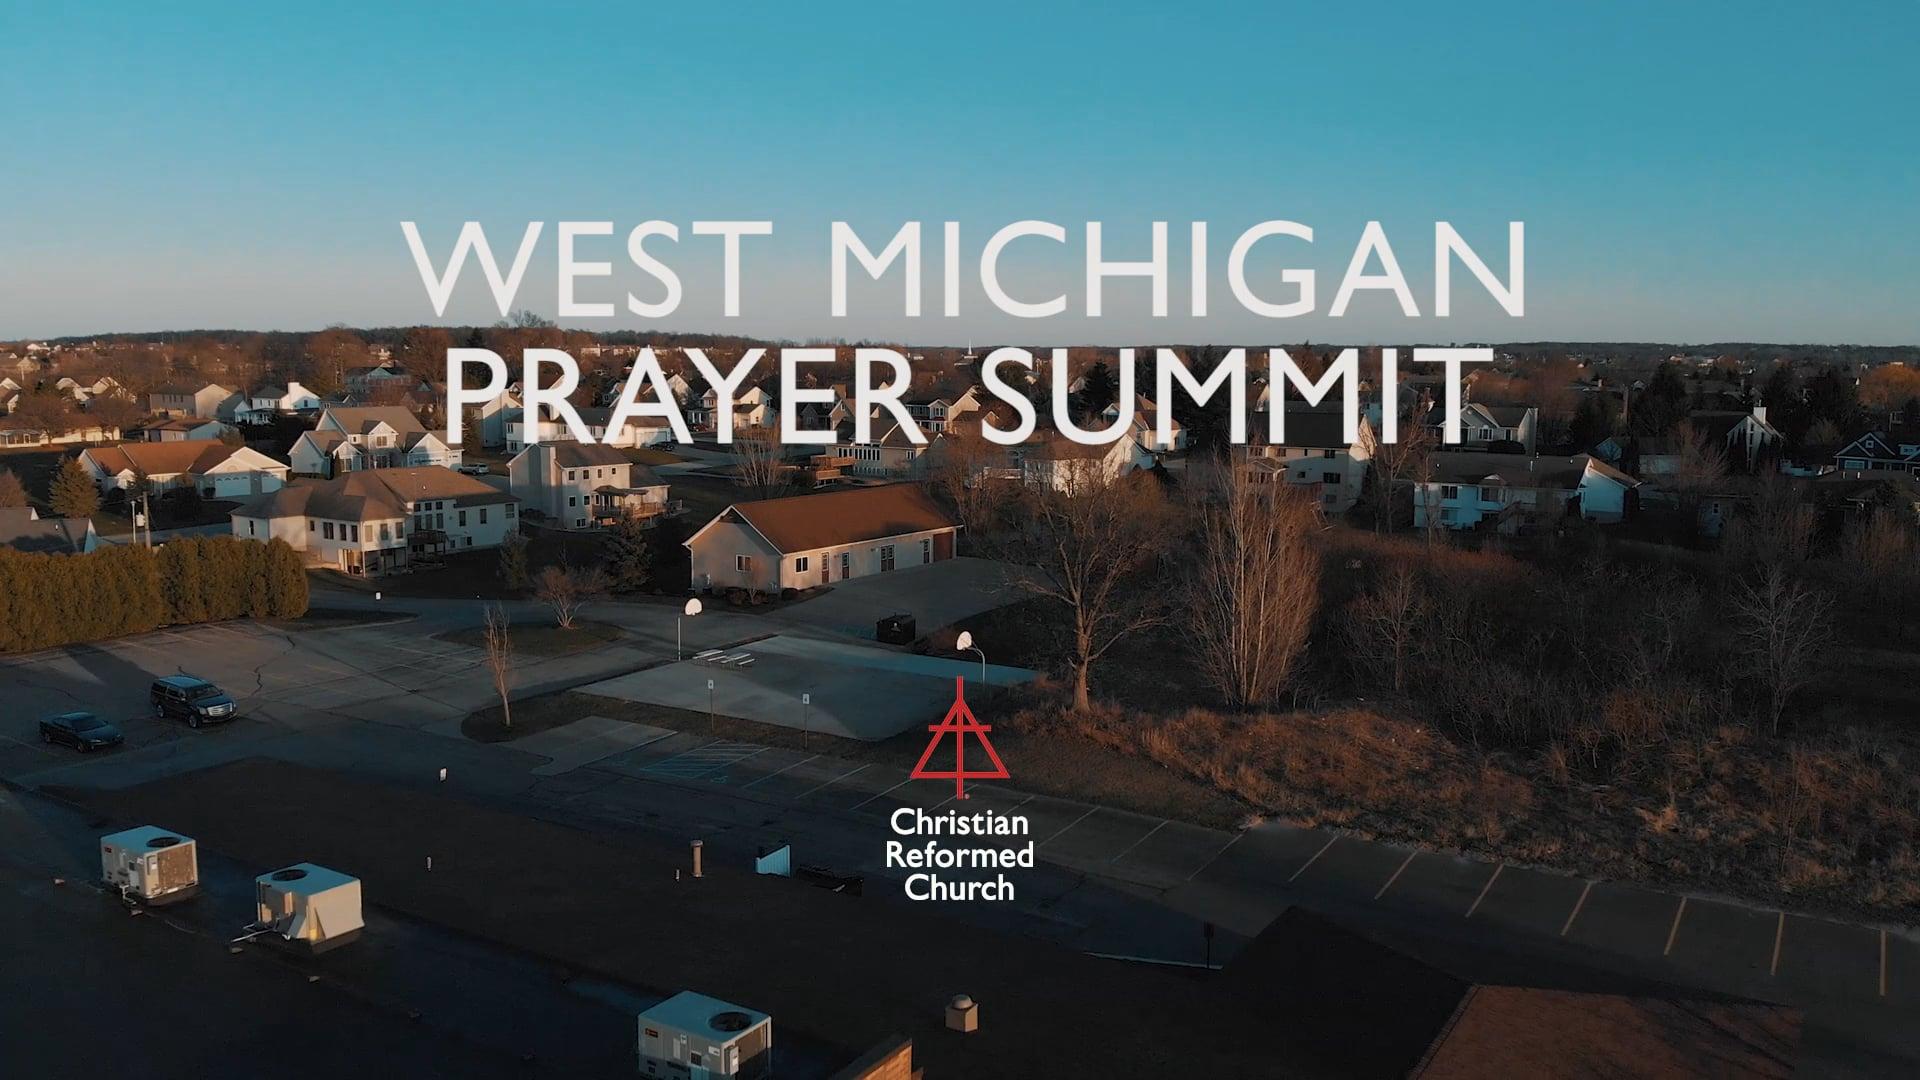 Prayer Summit 2018 West Michigan Highlights